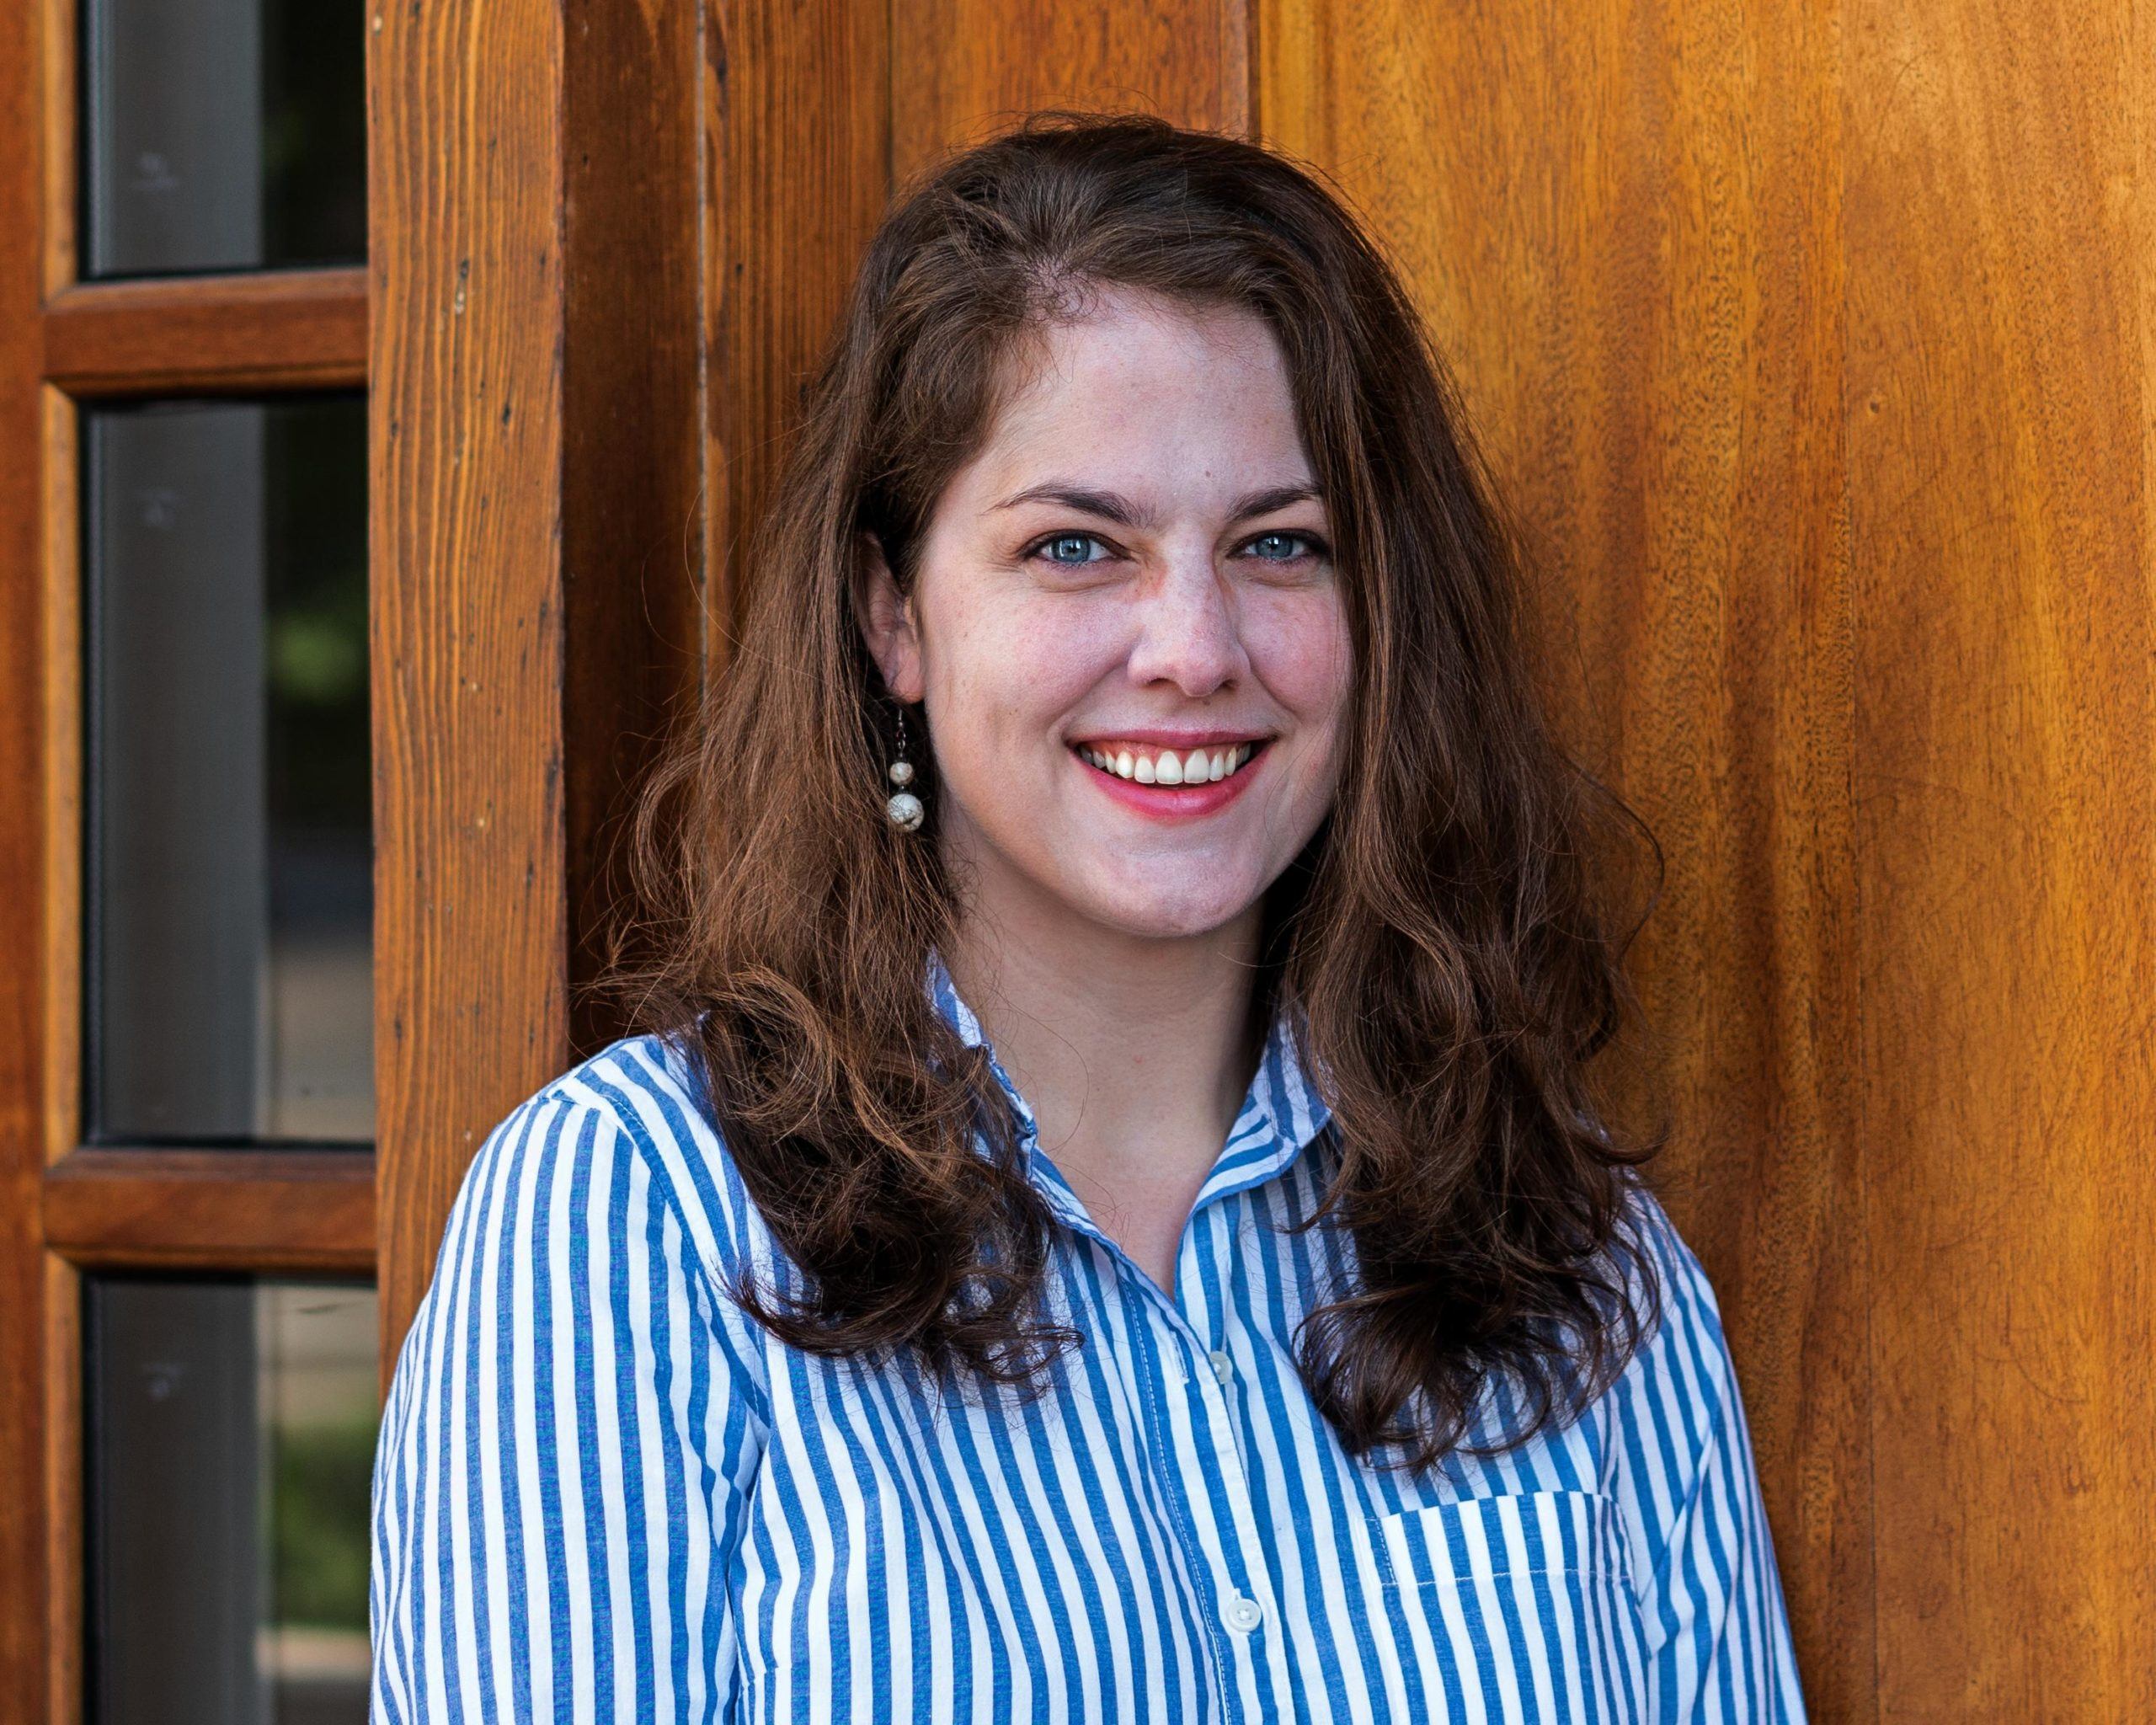 Lauren Hurdle, Tourism Director